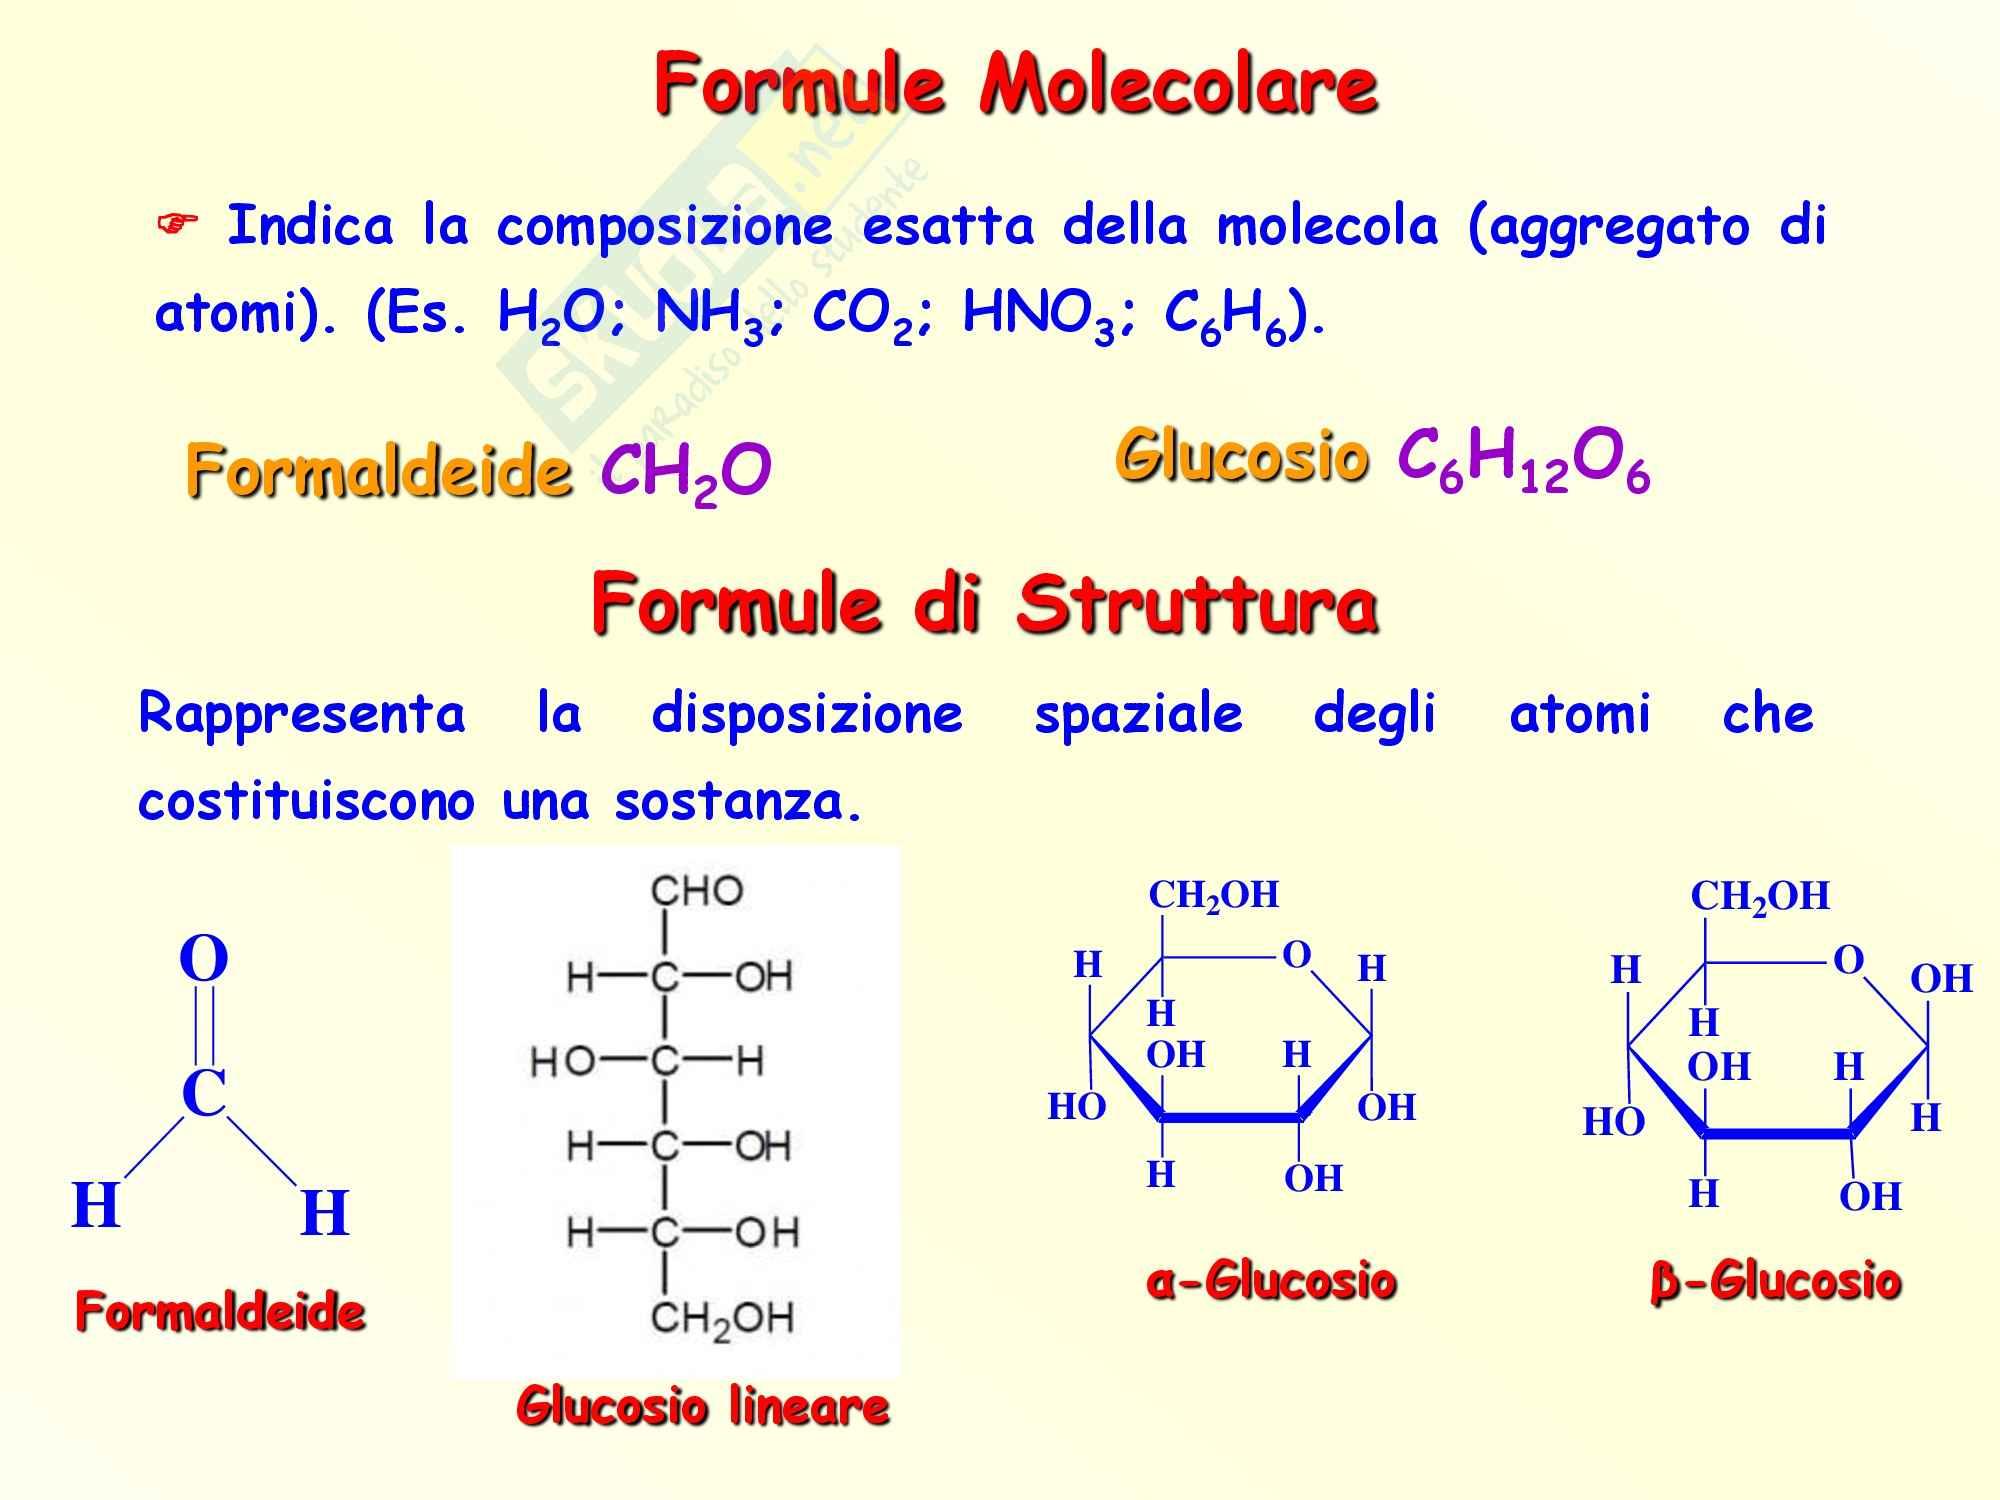 Chimica inorganica - formule di struttura